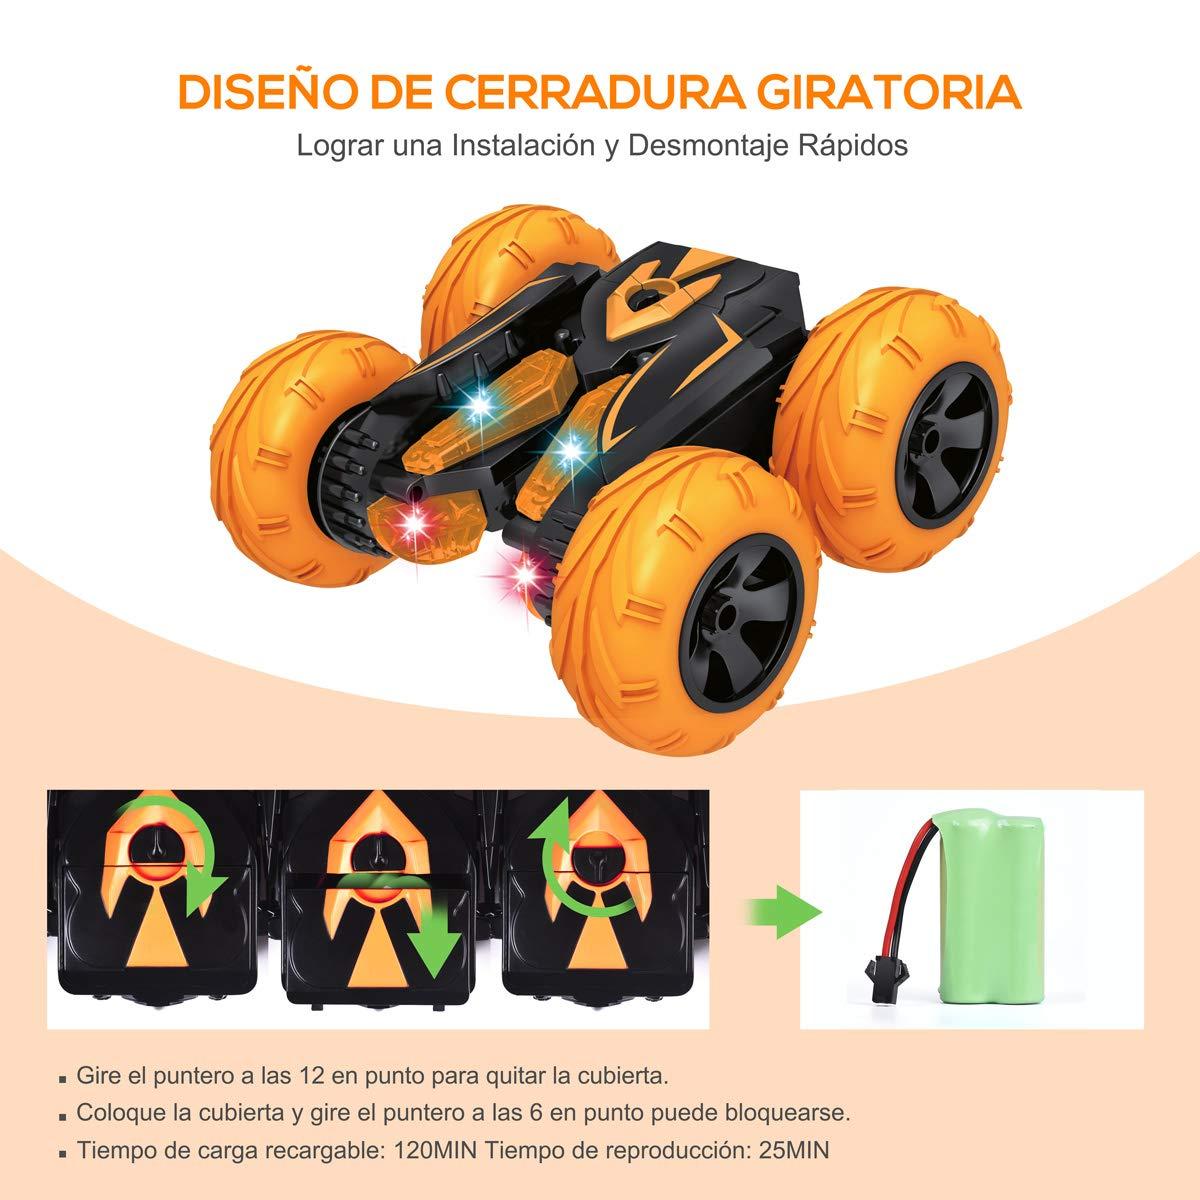 VAZILLIO RC Stunt Coche 2.4GHz LED Stunt Coche Teledirigido 3.7V 1000mAh 360 Grados Rotaci/ón de Alta Velocidad Coches Regalos para Ni/ños Adulto Naranja